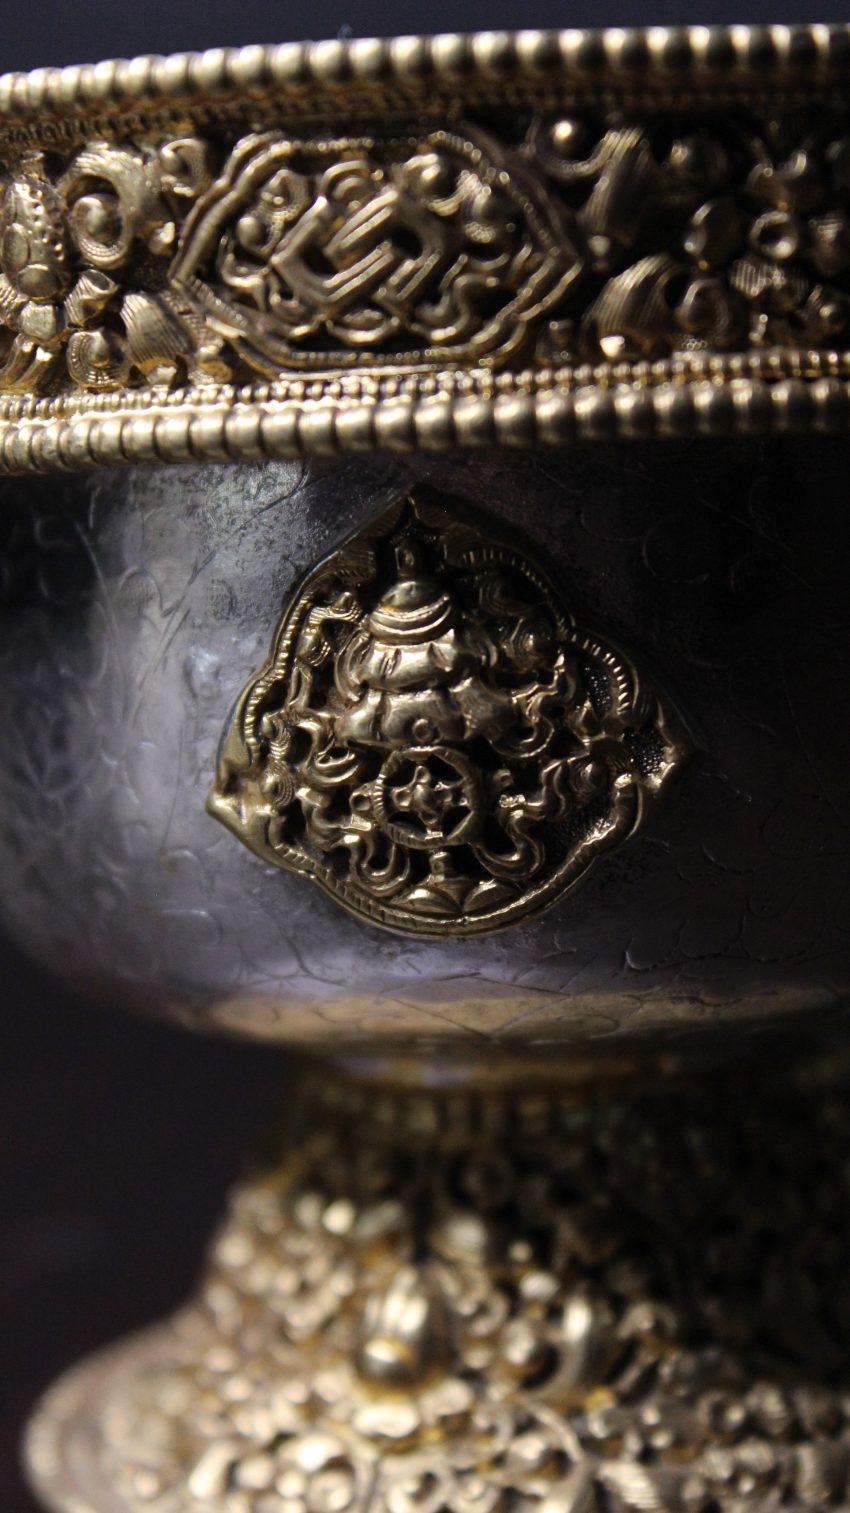 Unique Tibetan Water Bowls